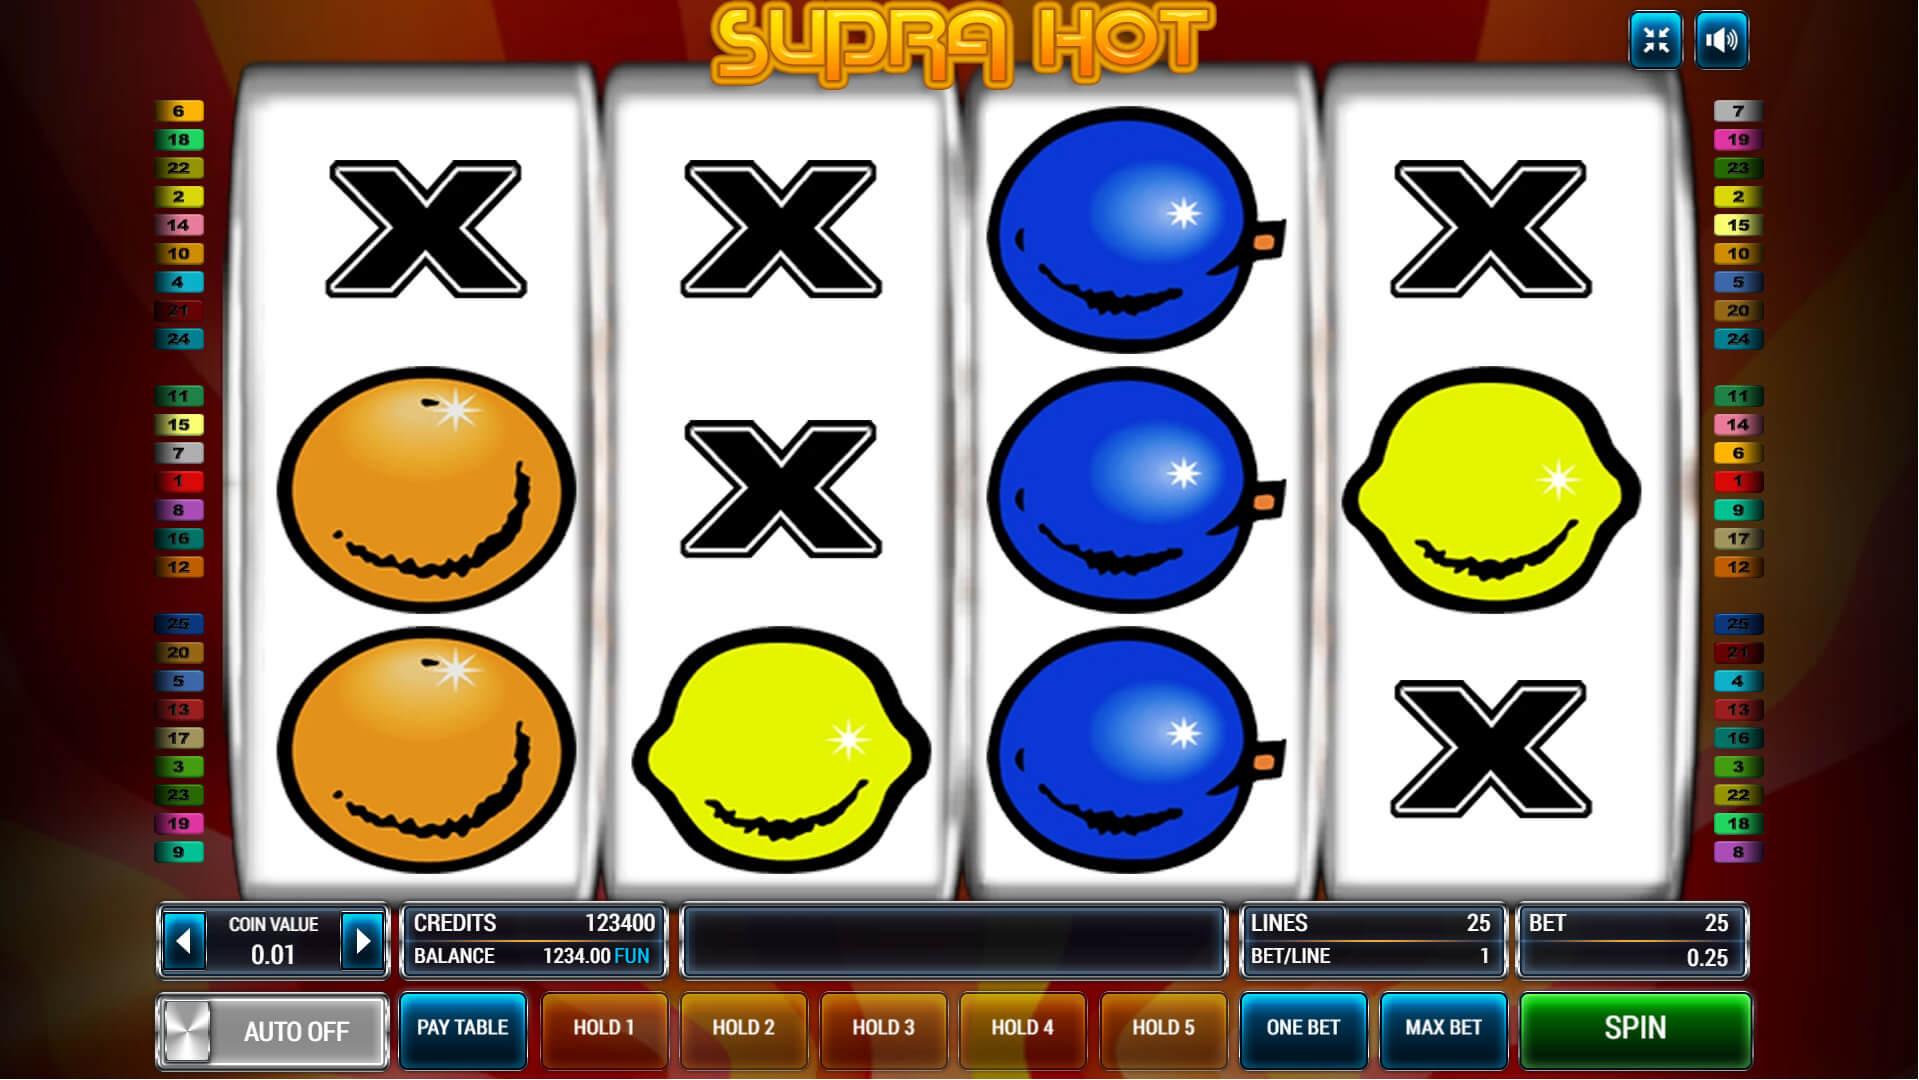 Изображение игрового автомата Supra Hot 1